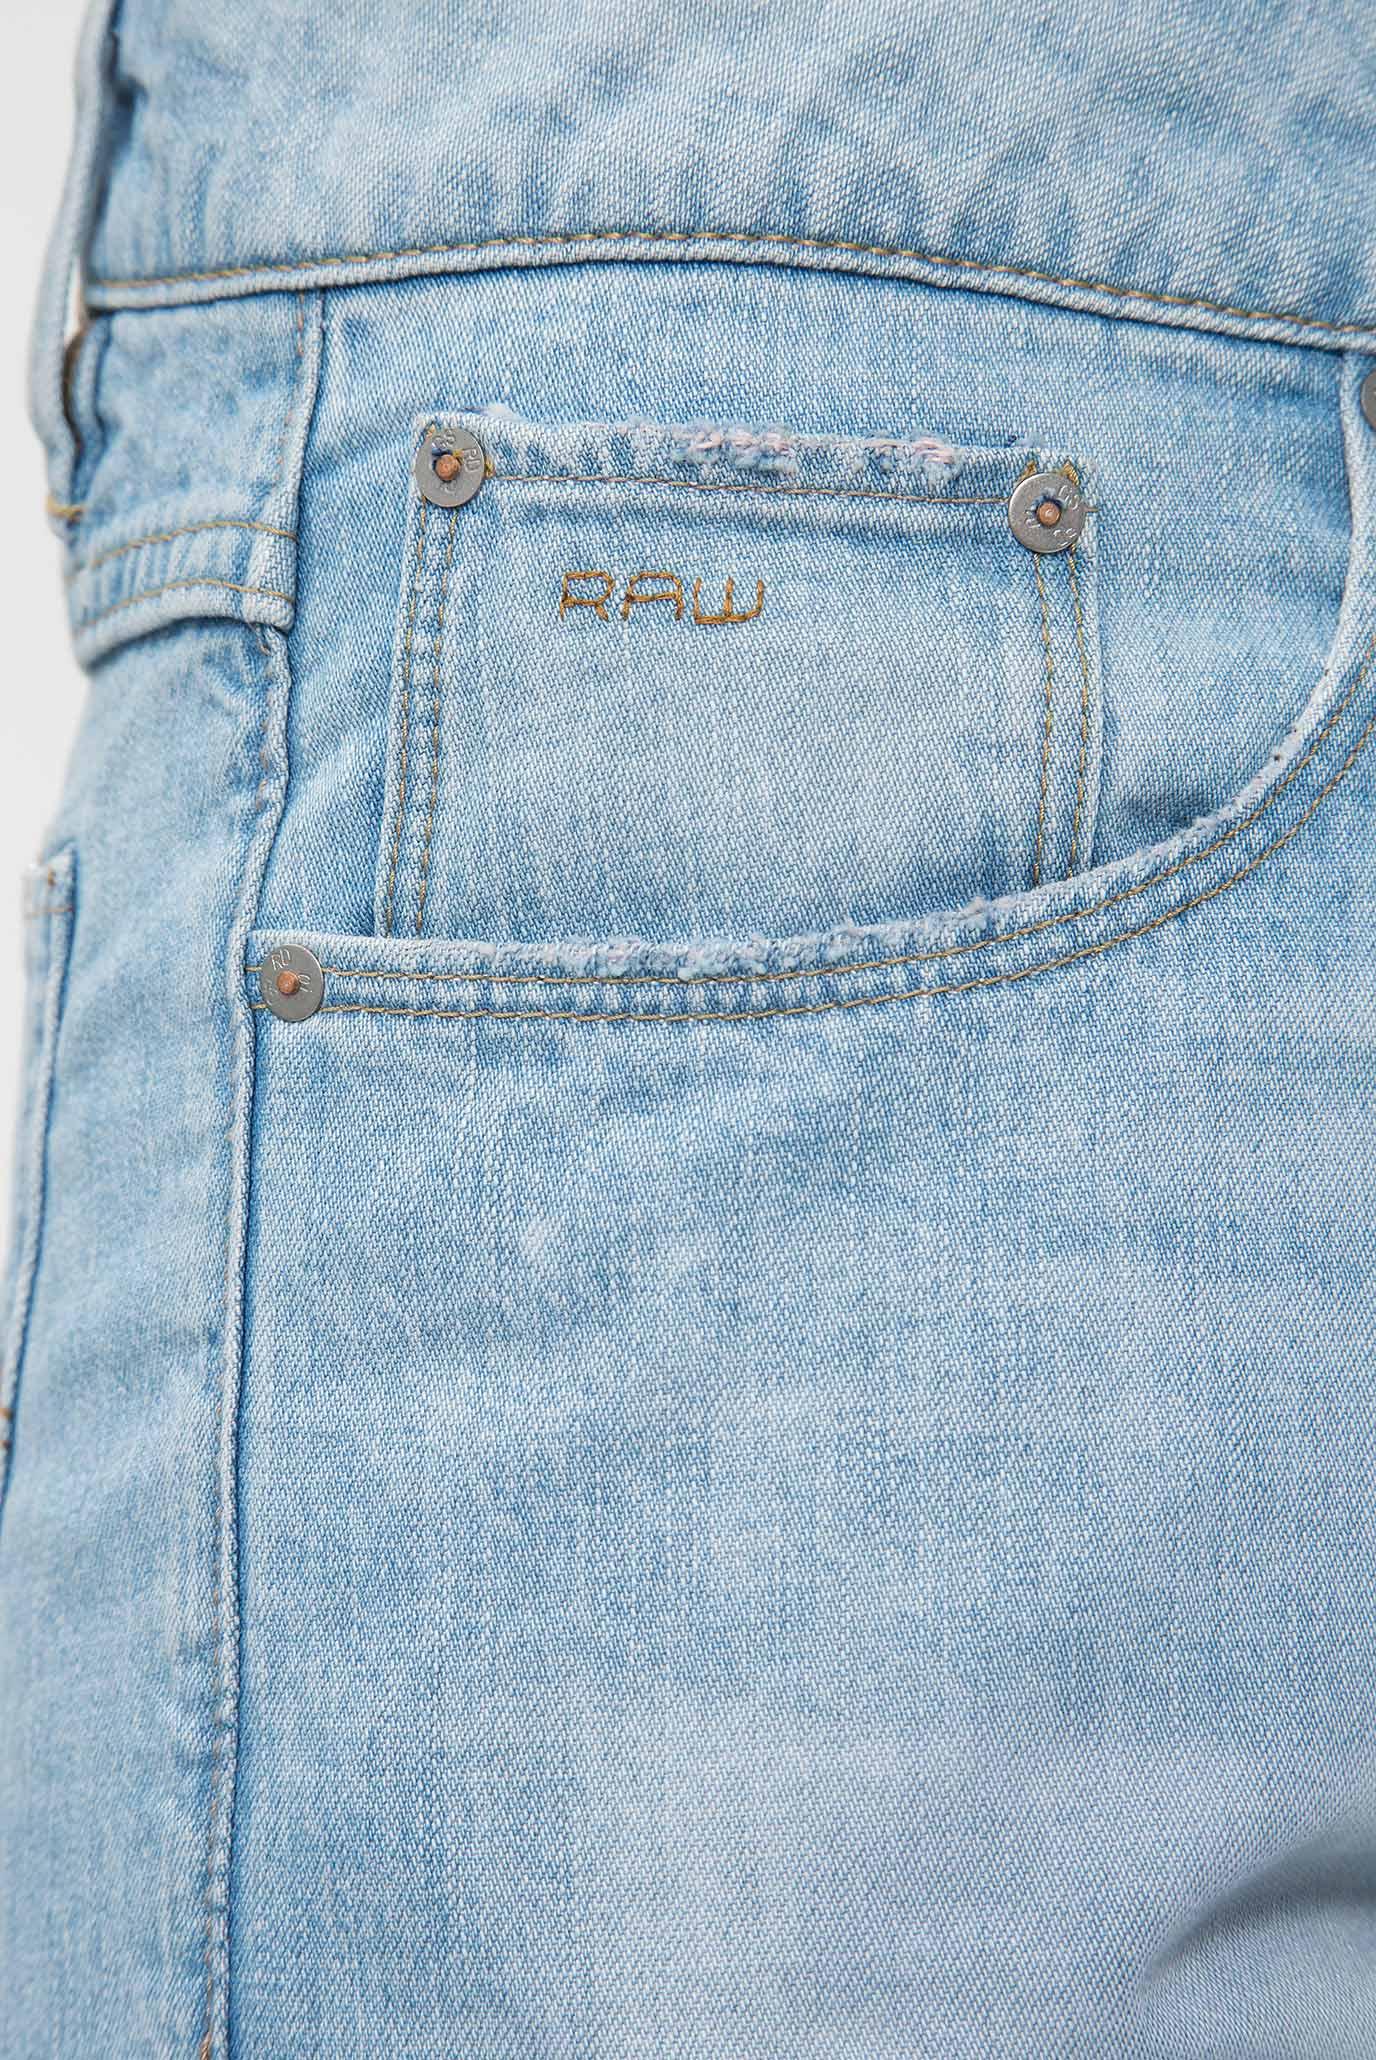 Купить Женские голубые джинсы 3301 Mid Boyfriend G-Star RAW G-Star RAW D09353,9657 – Киев, Украина. Цены в интернет магазине MD Fashion